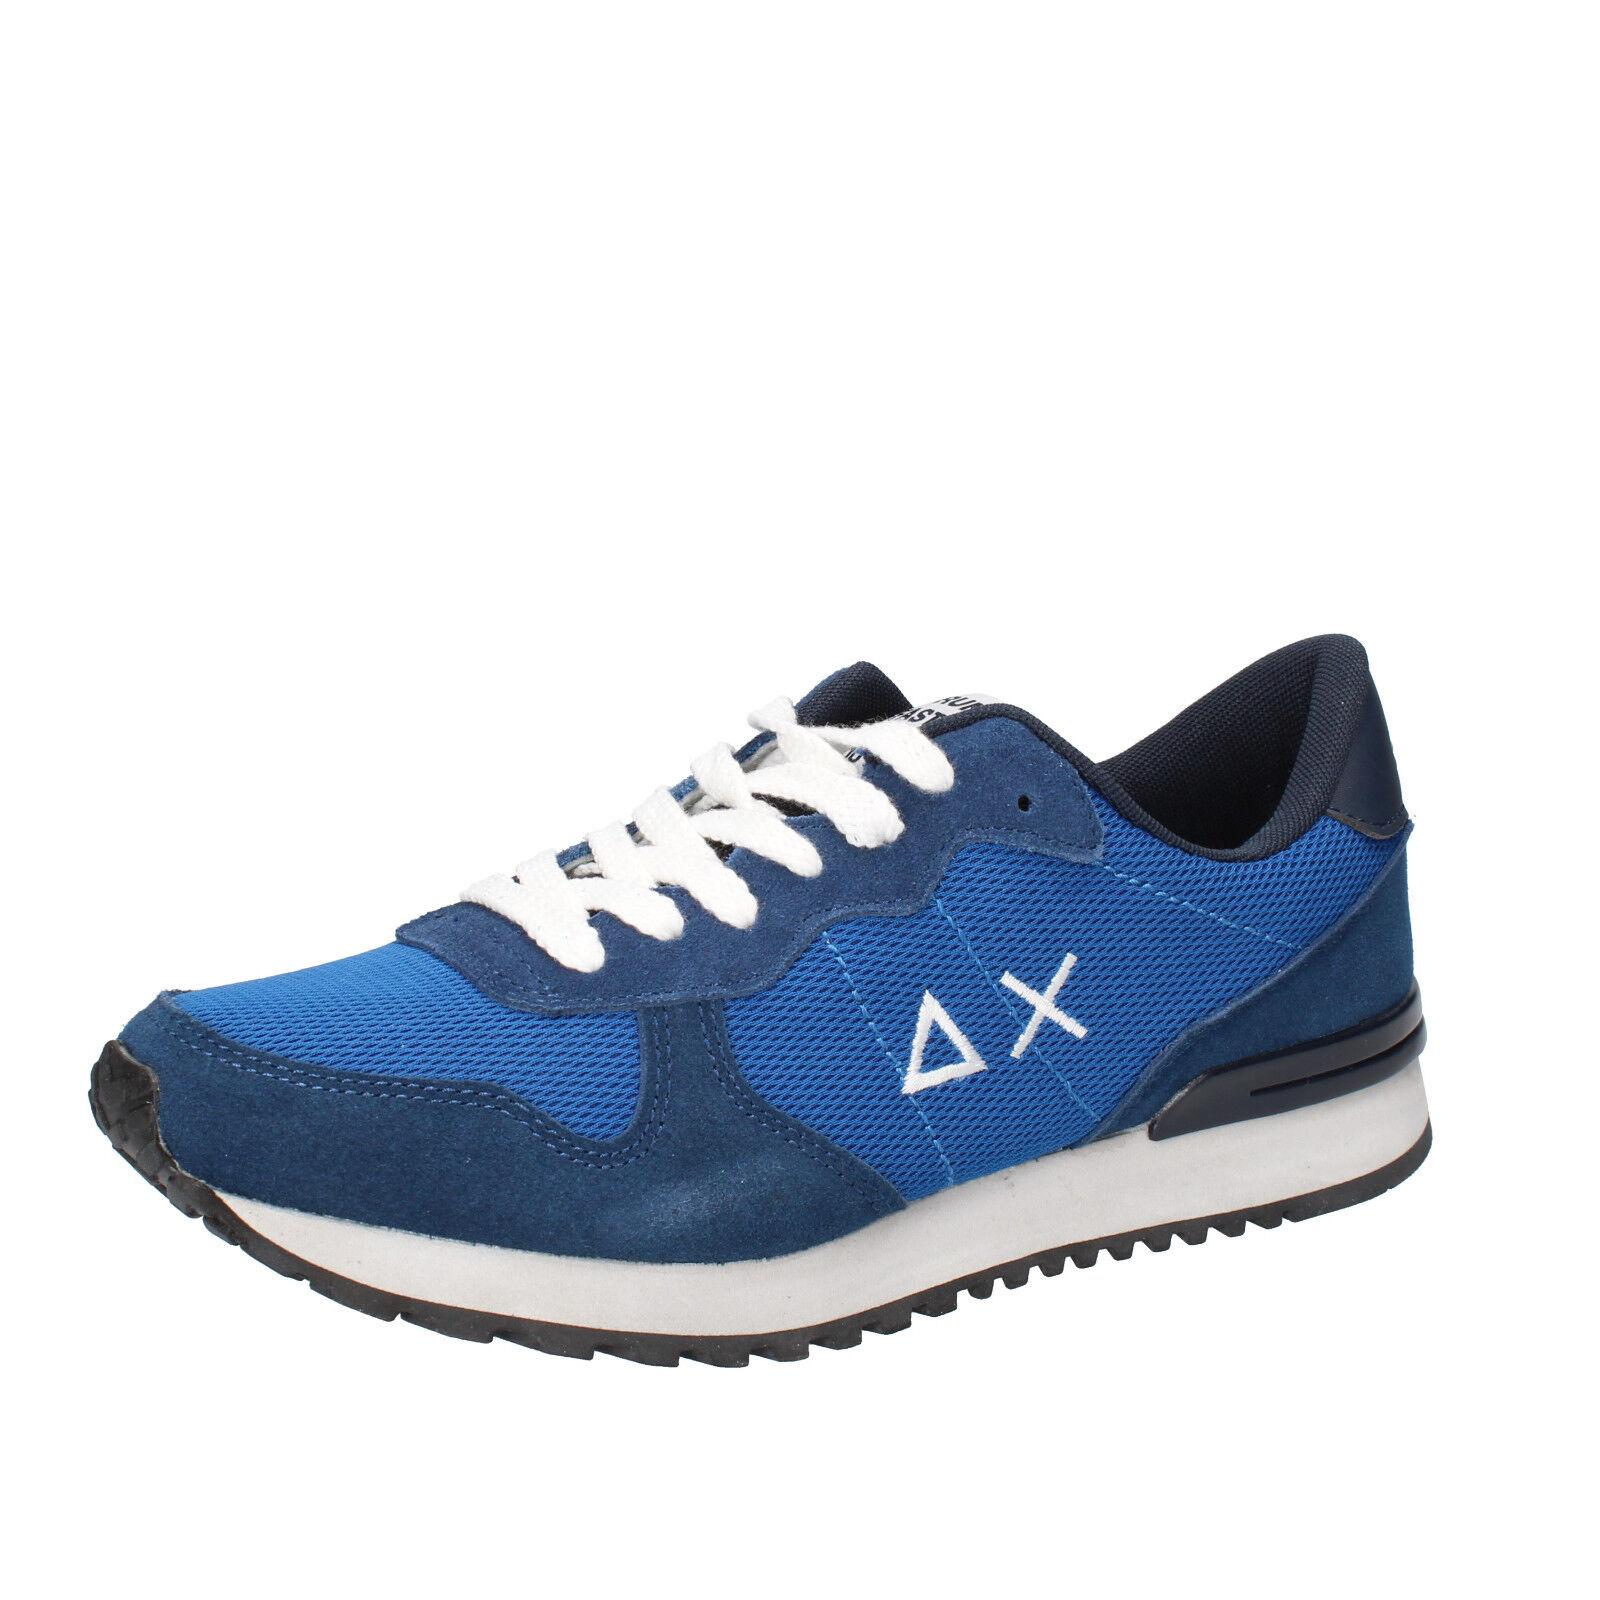 Herren schuhe SUN 68 41 EU sneakers blau textil wildleder AB797-C